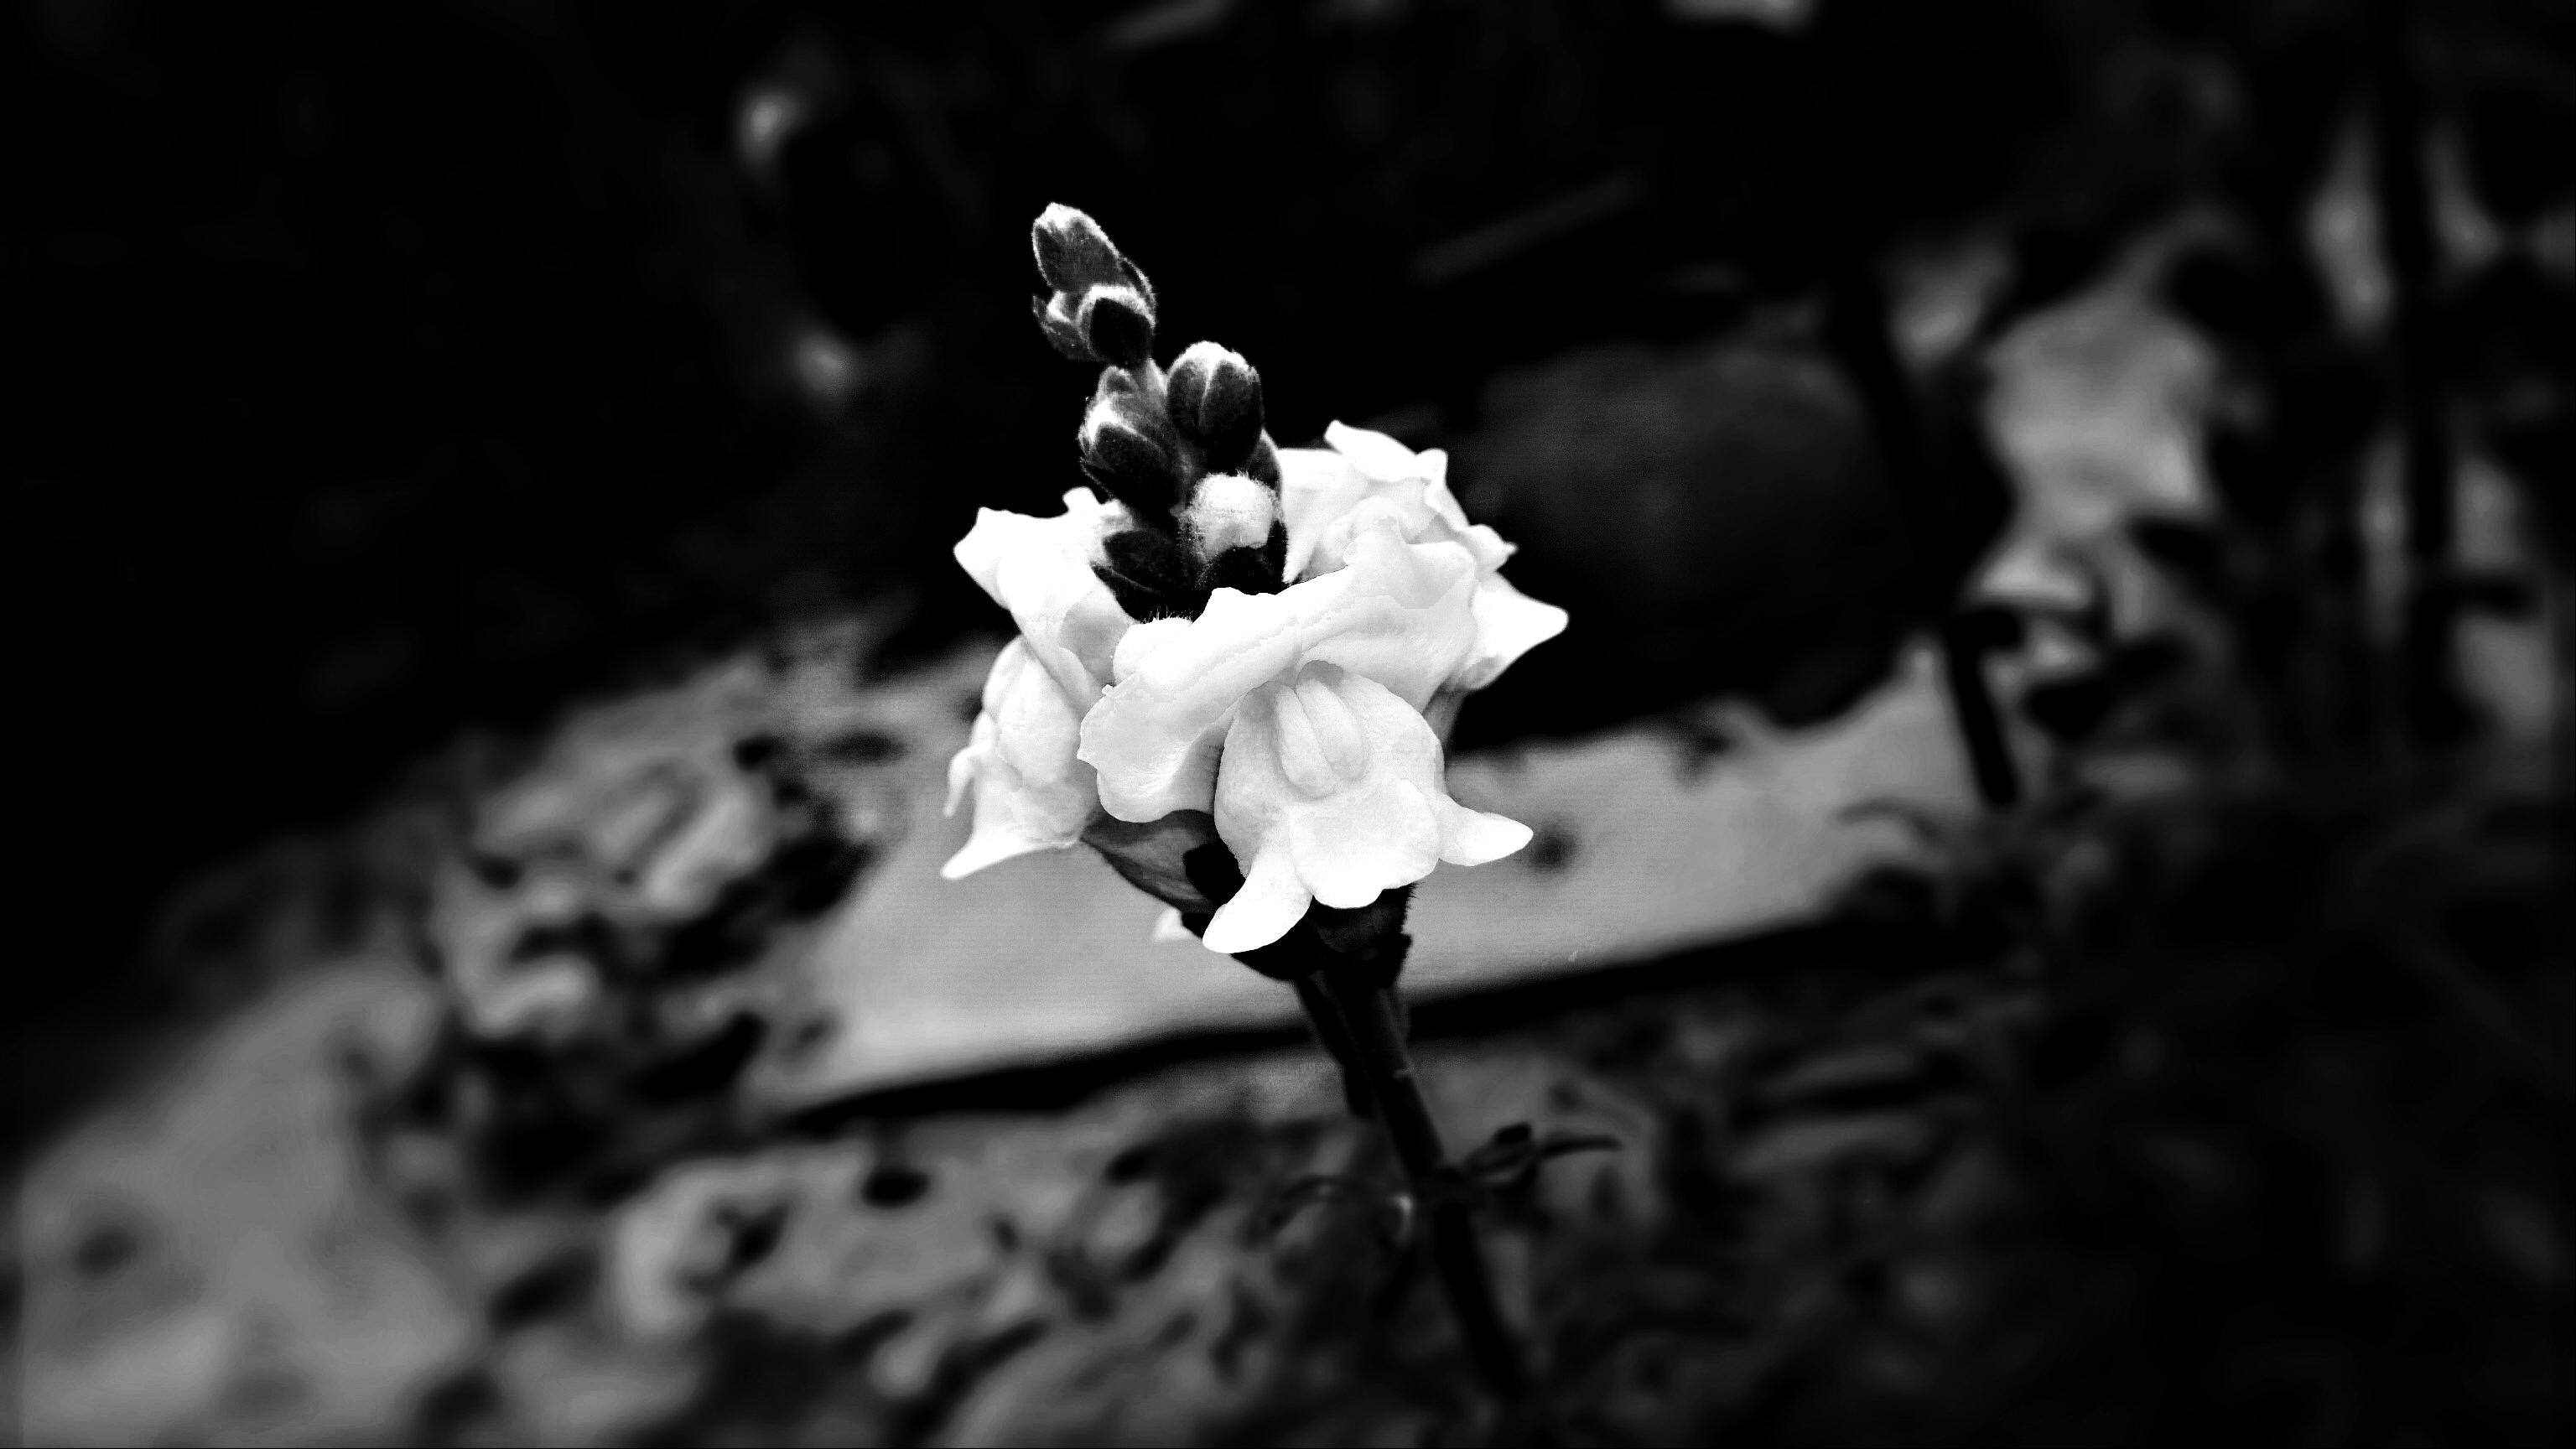 Earth Flower 3072x1728